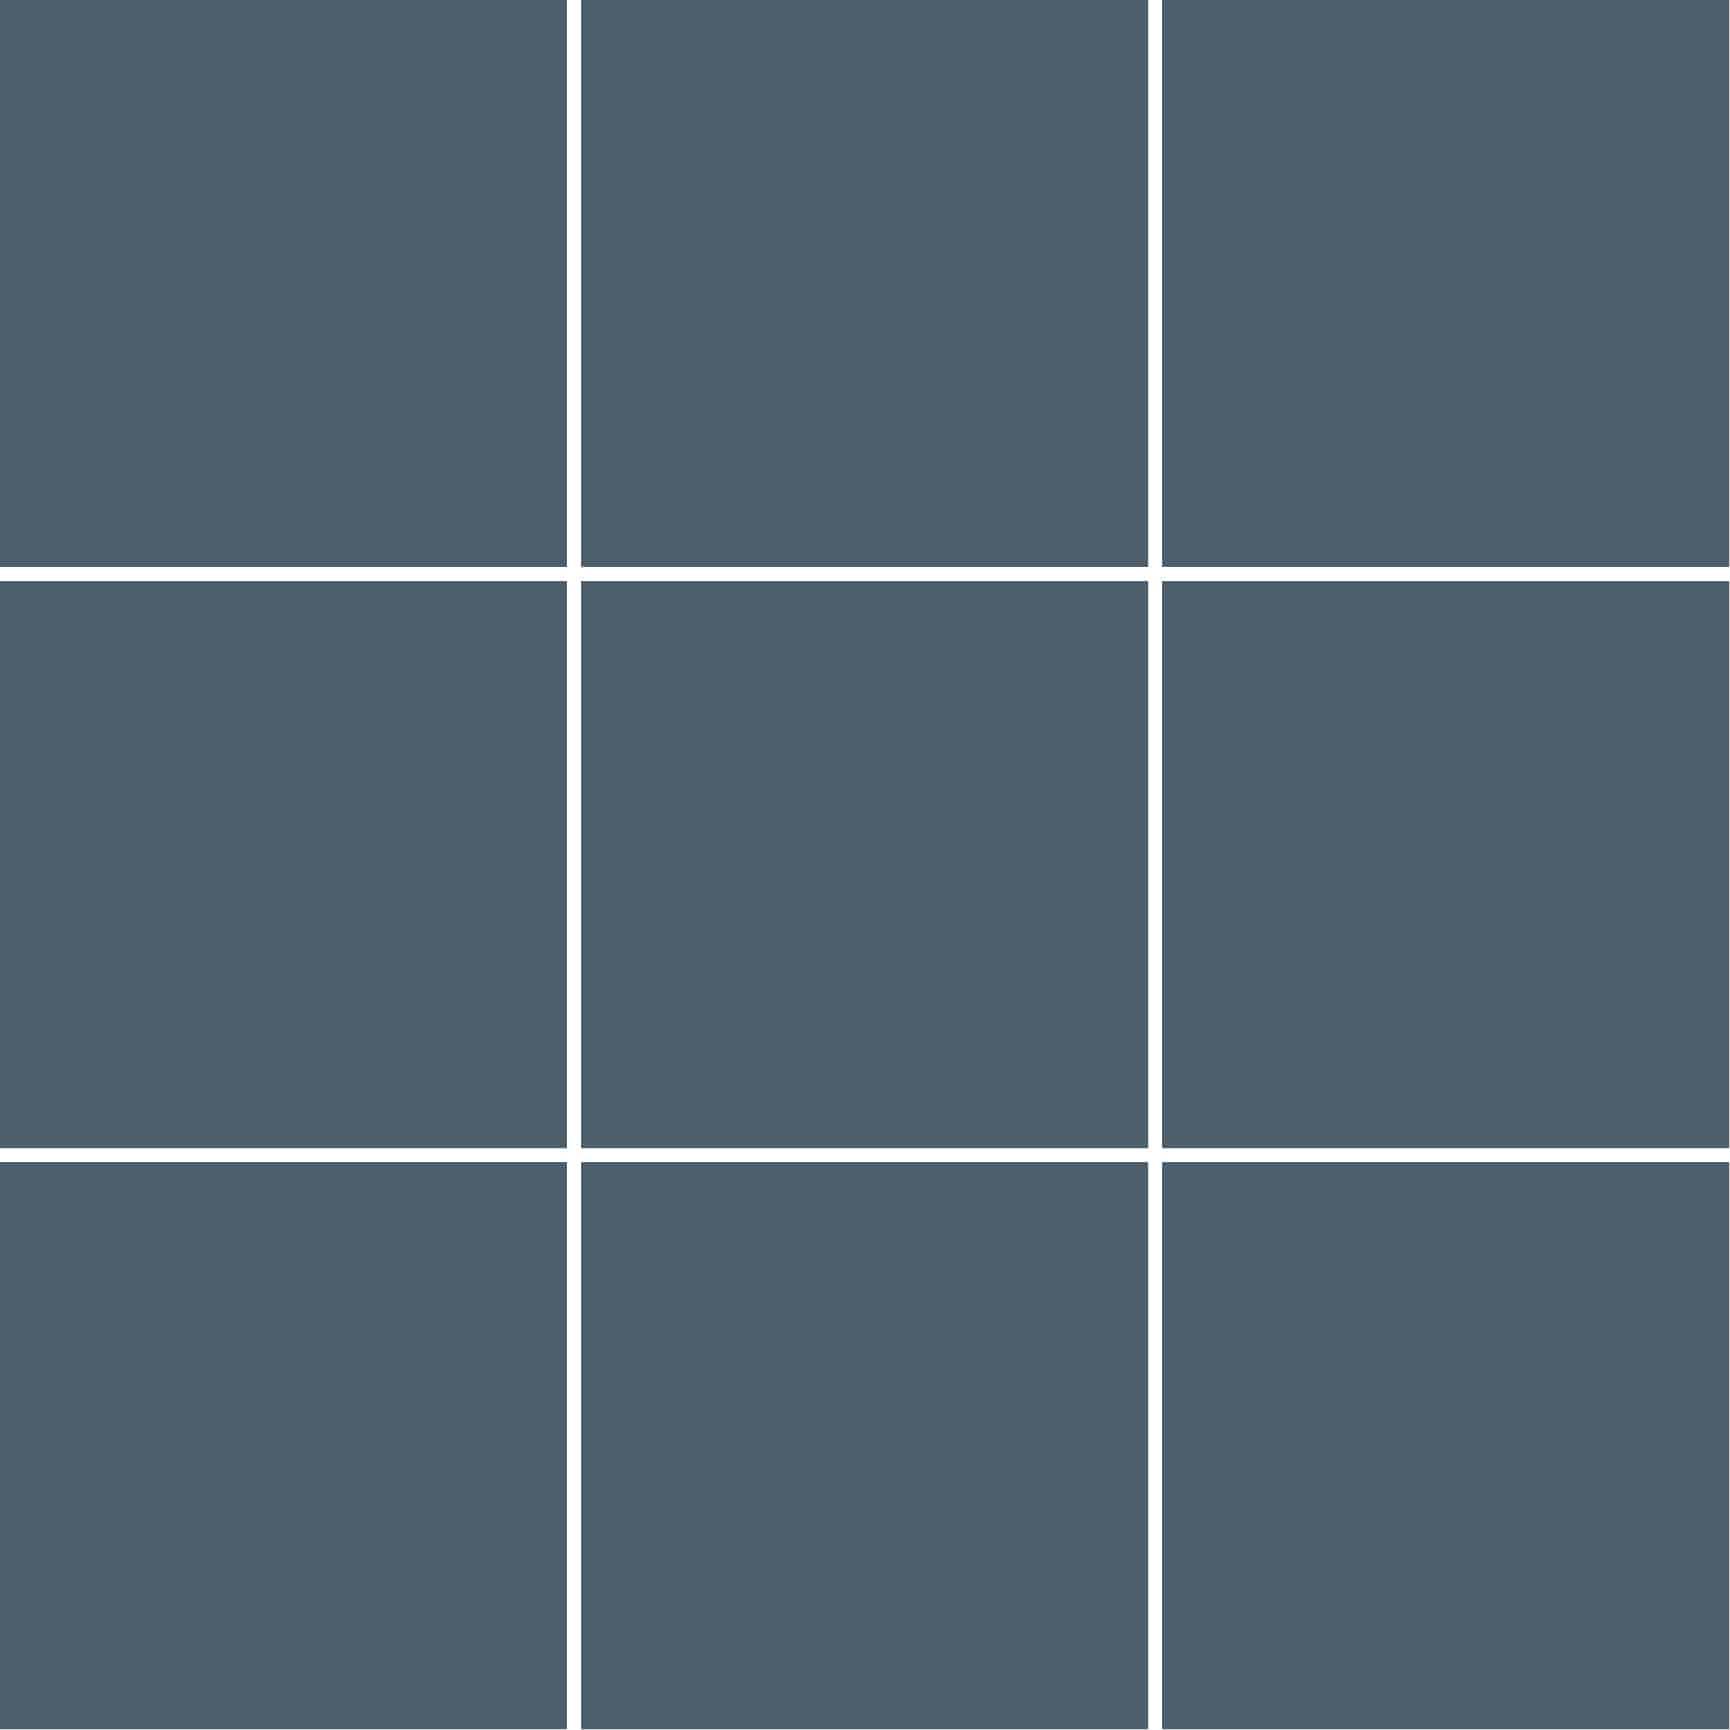 Full Size of Fliesenaufkleber Fr Kche Und Badezimmer Blaugrau Niederdruck Armatur Küche Miele Aufbewahrungssystem Stehhilfe Einbauküche Ohne Kühlschrank Nolte Rollwagen Wohnzimmer Küche Blau Grau